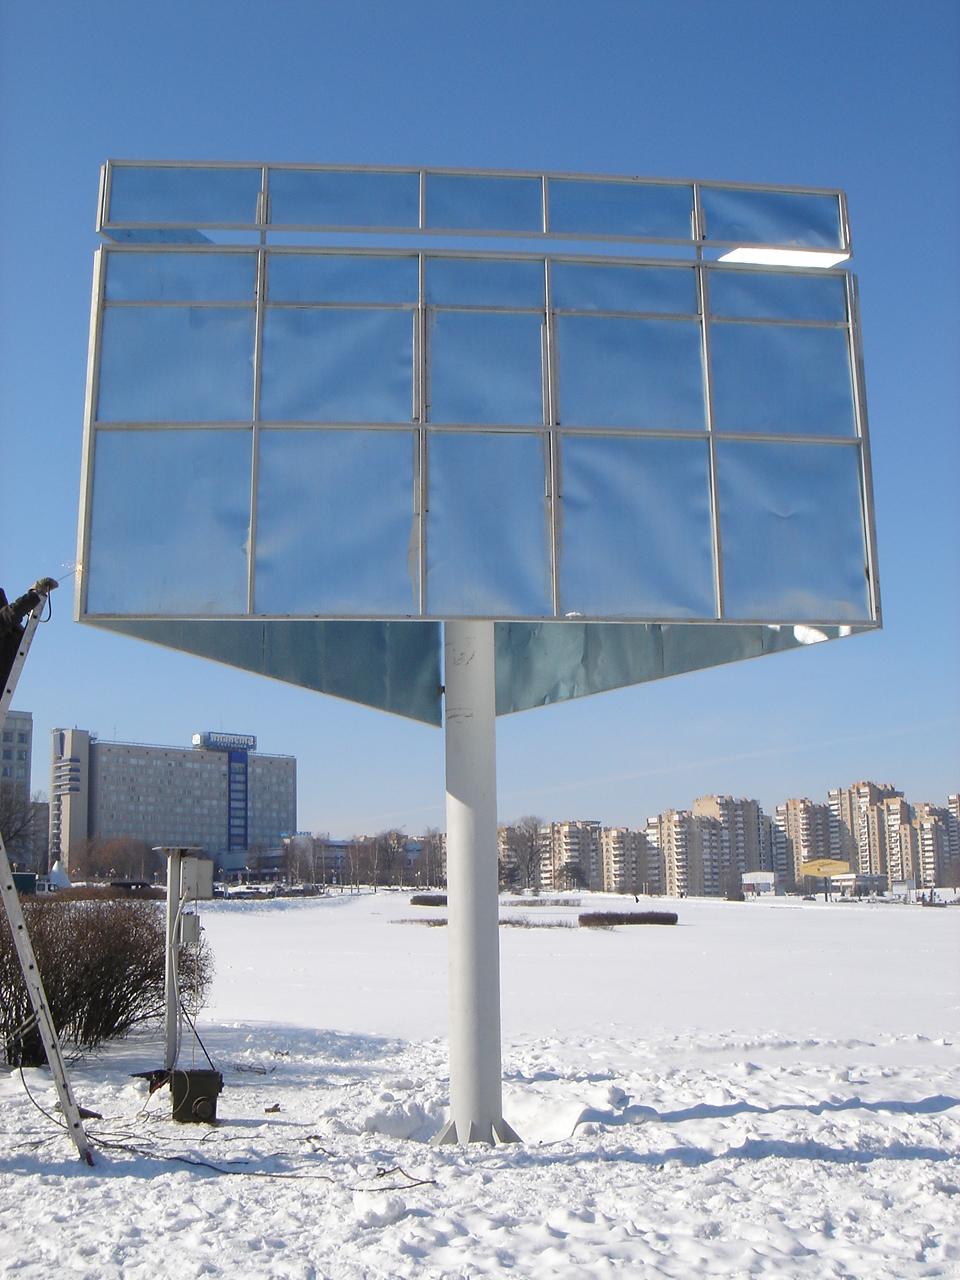 3 Трехплоскостной билборд. Основа для установки призматронов.